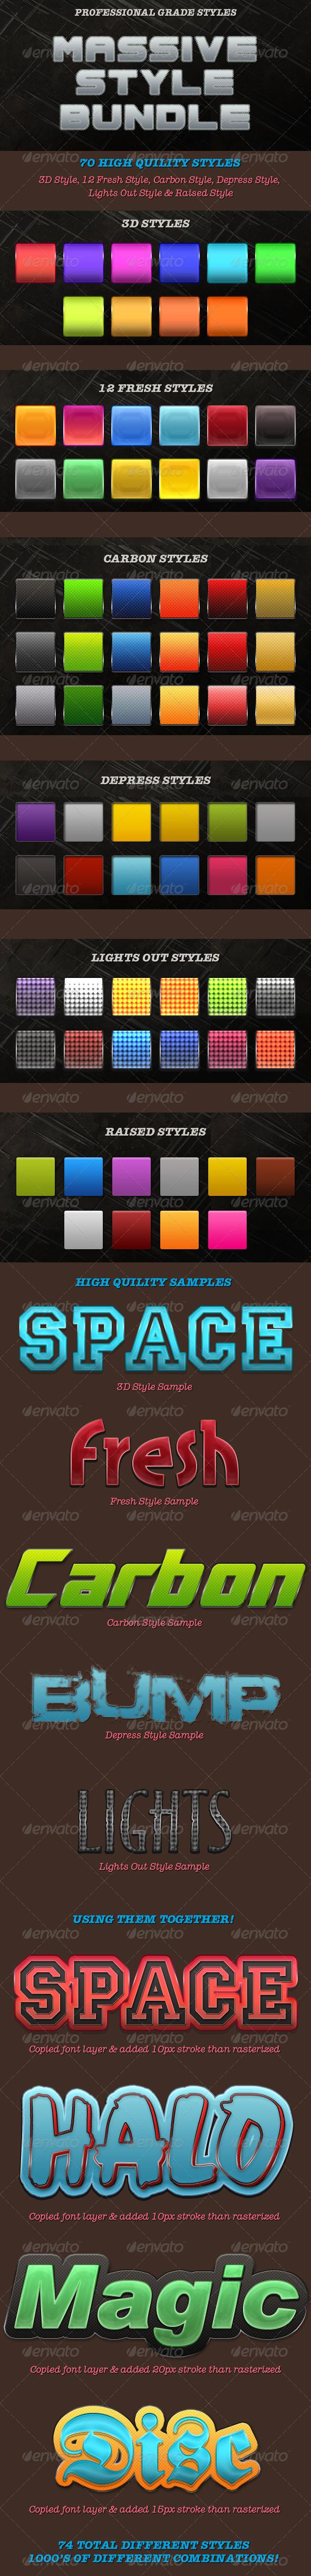 Massive Style Bundle - Styles Photoshop